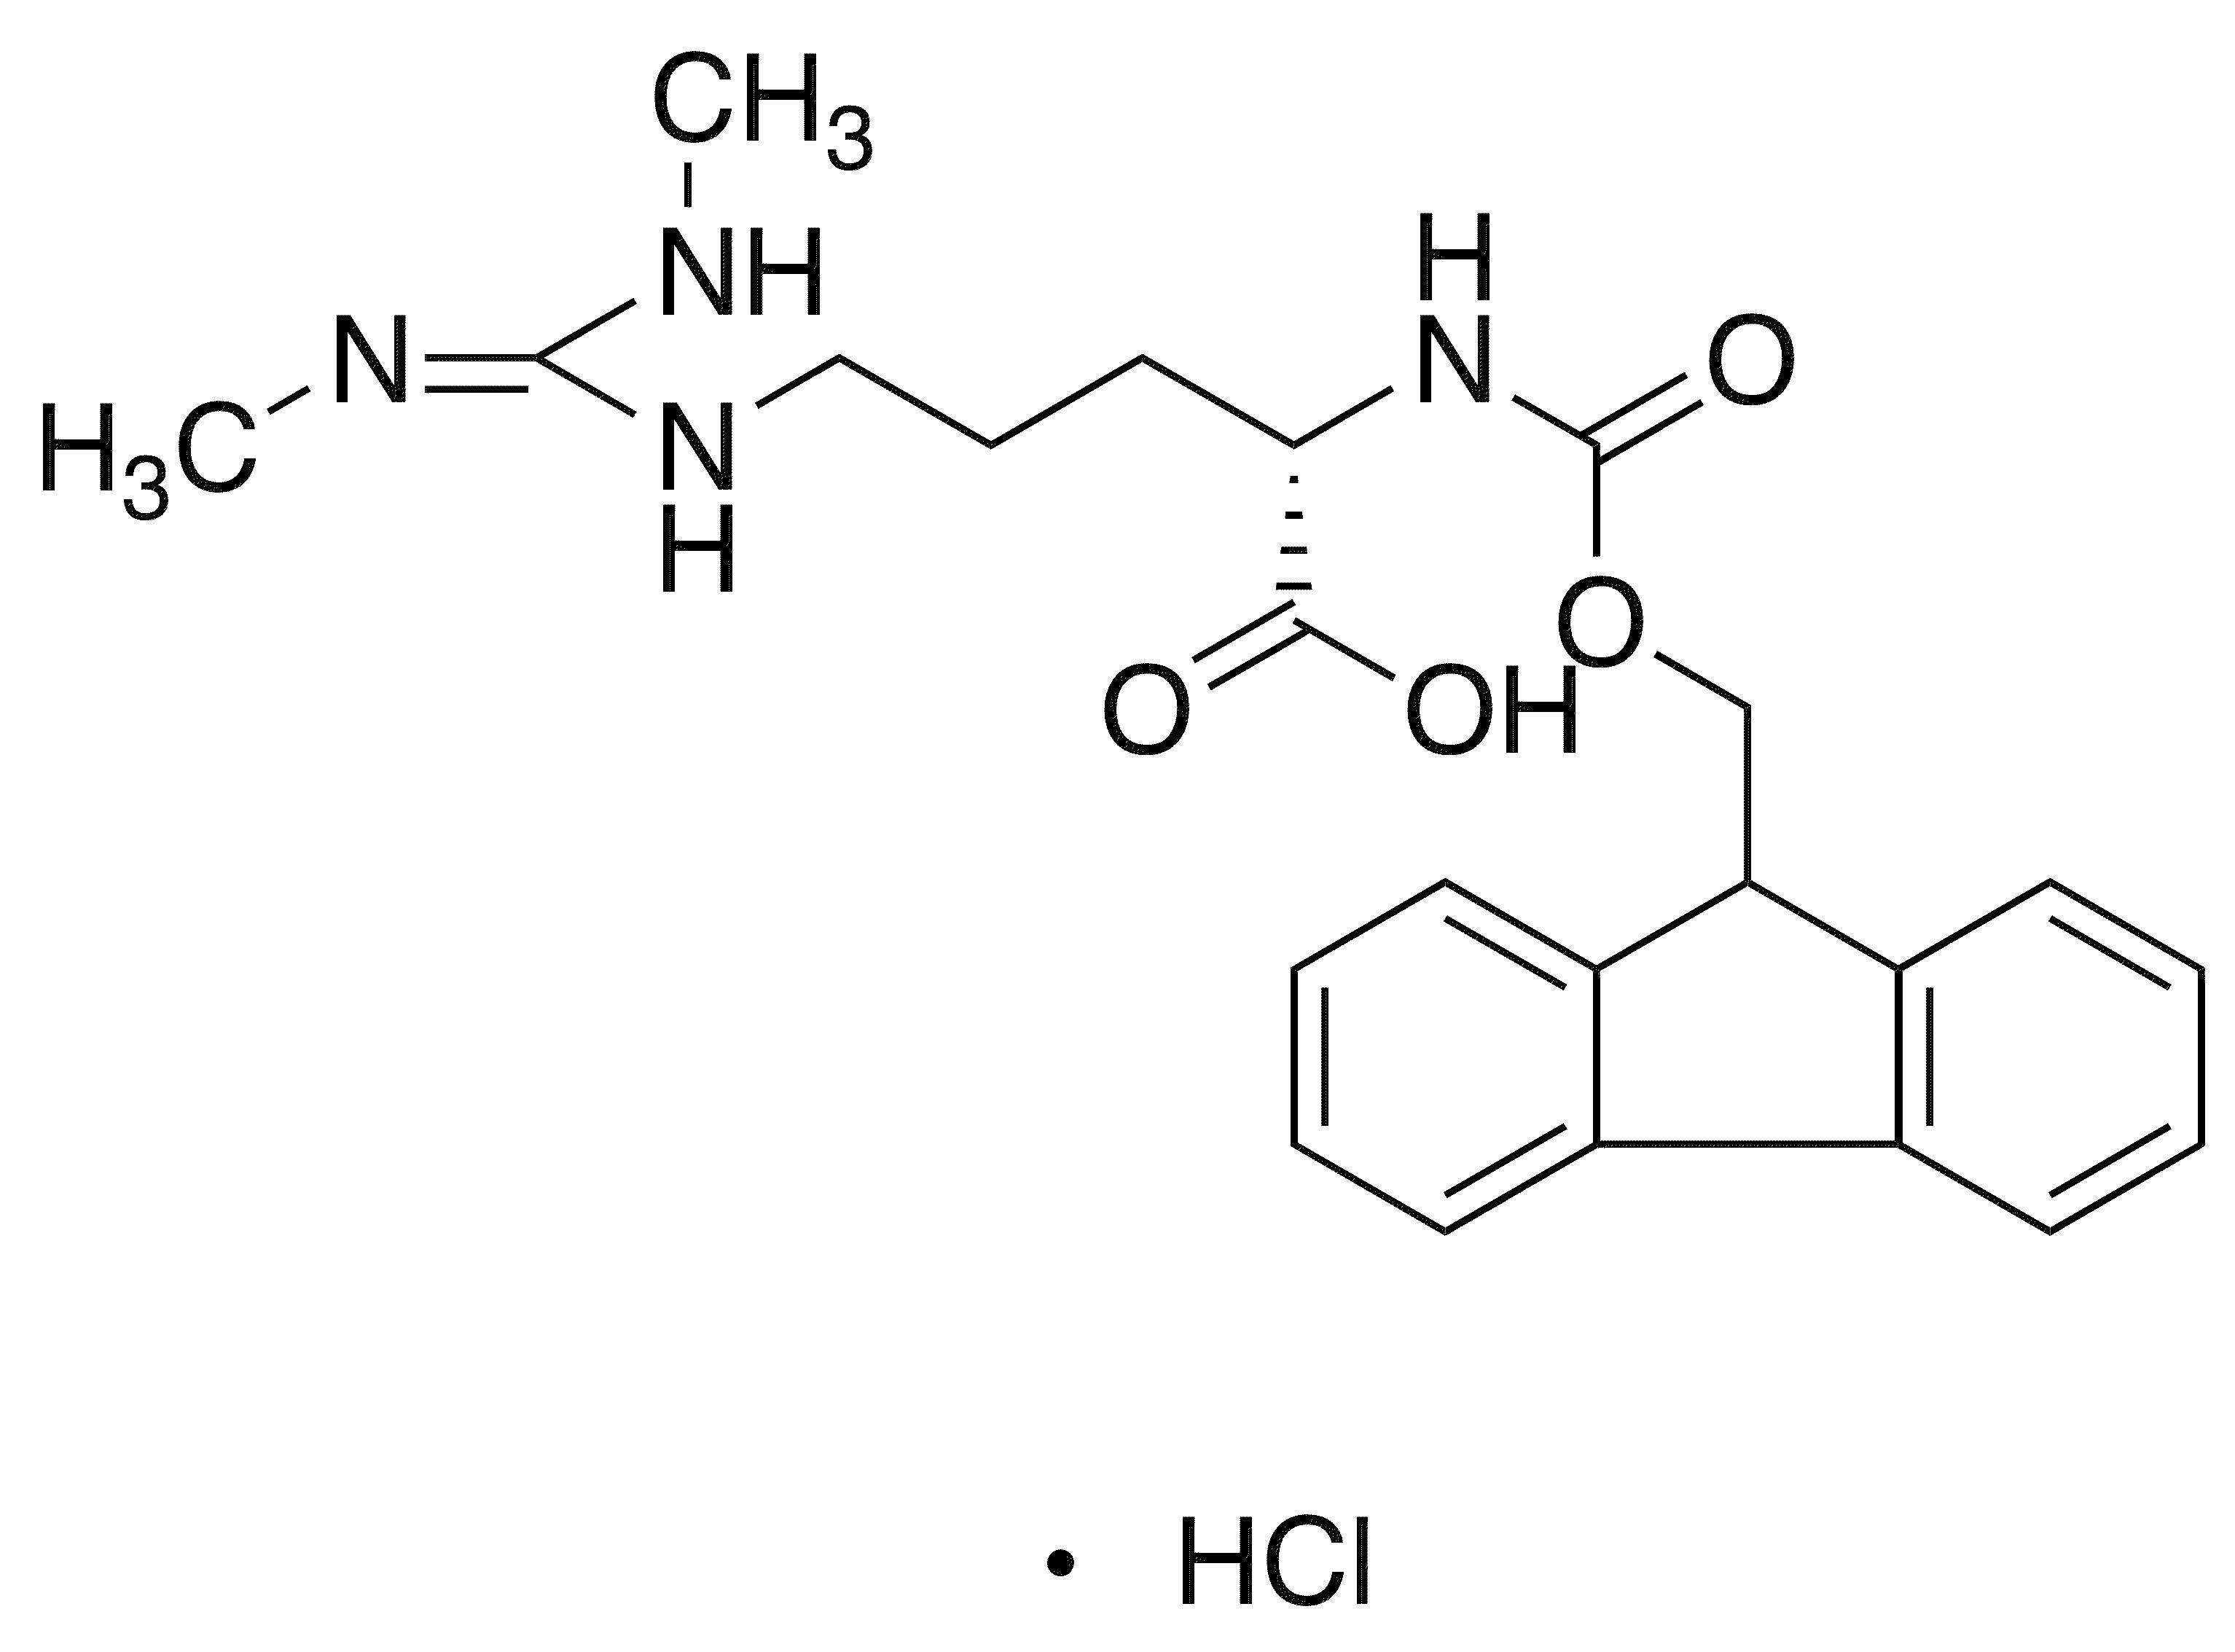 Fmoc-4-[2-(boc-amino)ethoxy]-l-phenylalanine